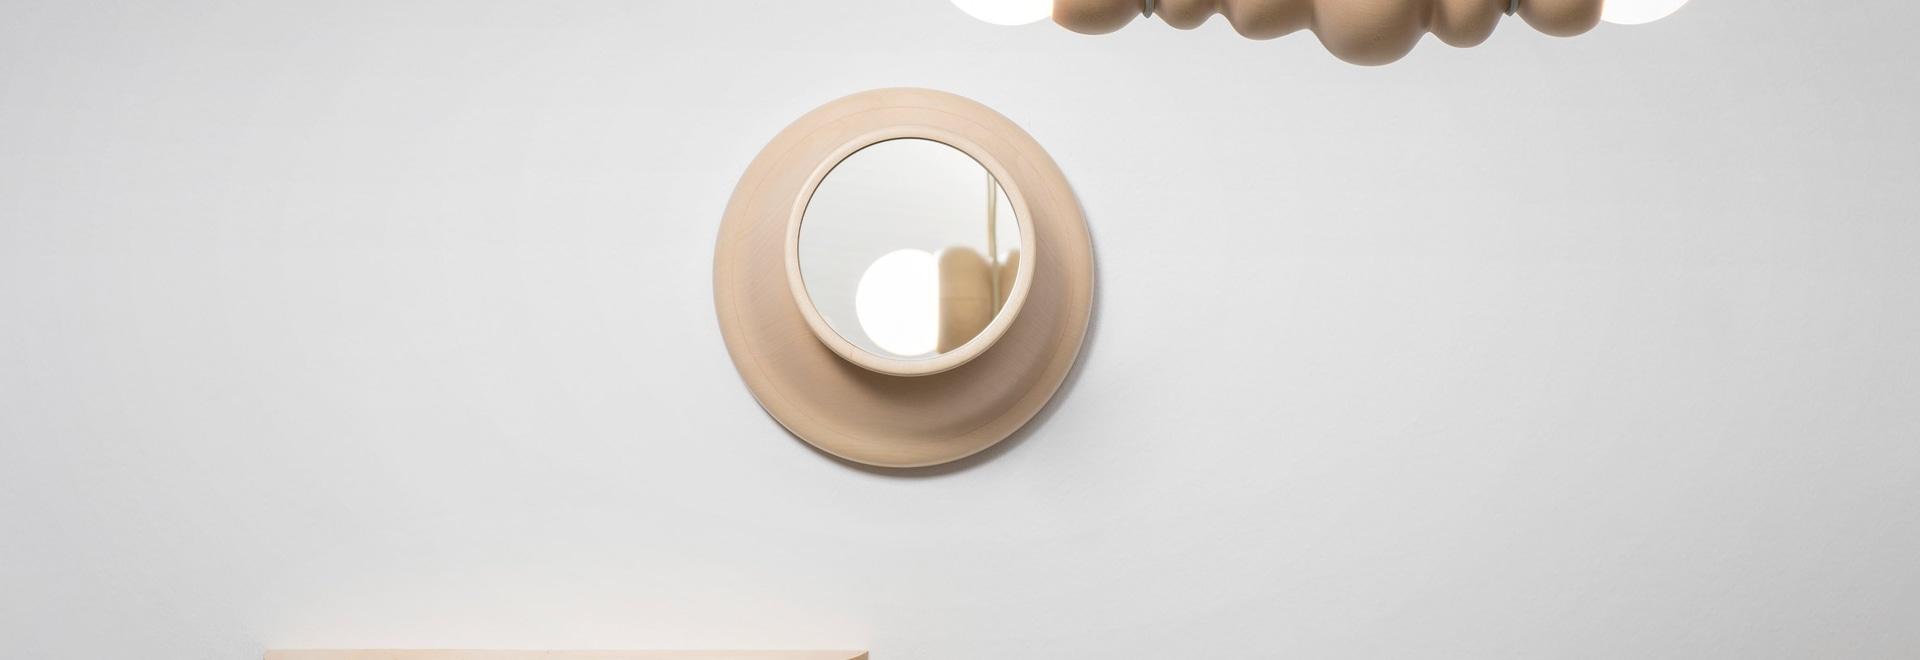 Bulbous ist eine moderne Interpretation von holzgedrehtem Design